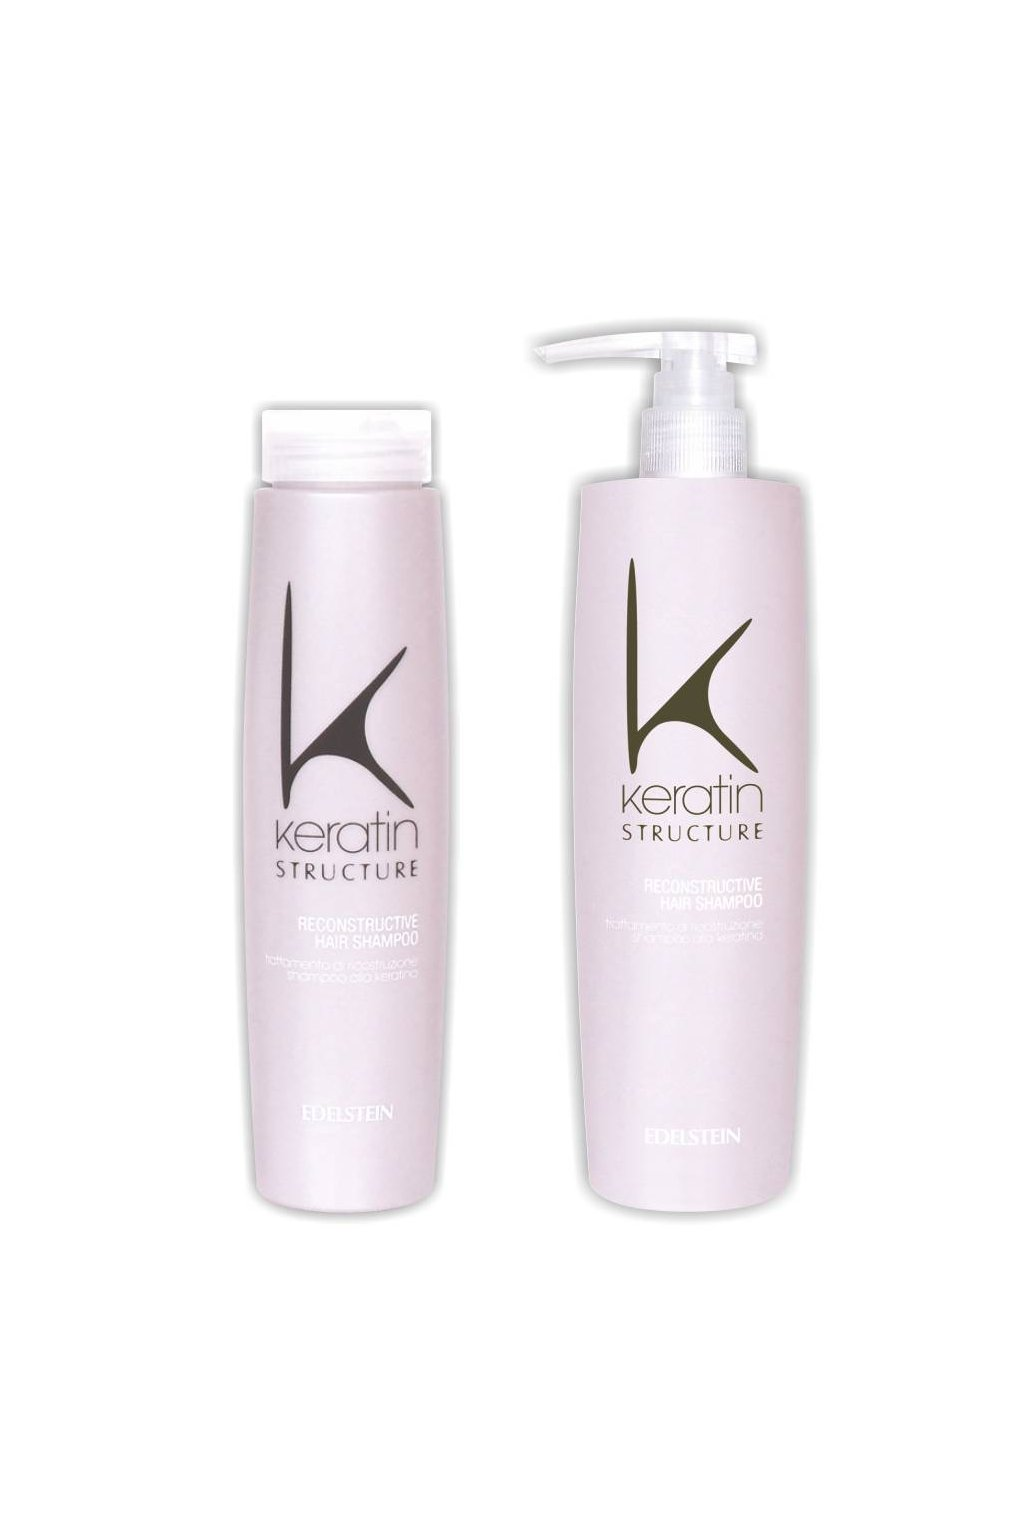 Keratin Structure Šampon hloubkově obnovující a posilující s keratinem